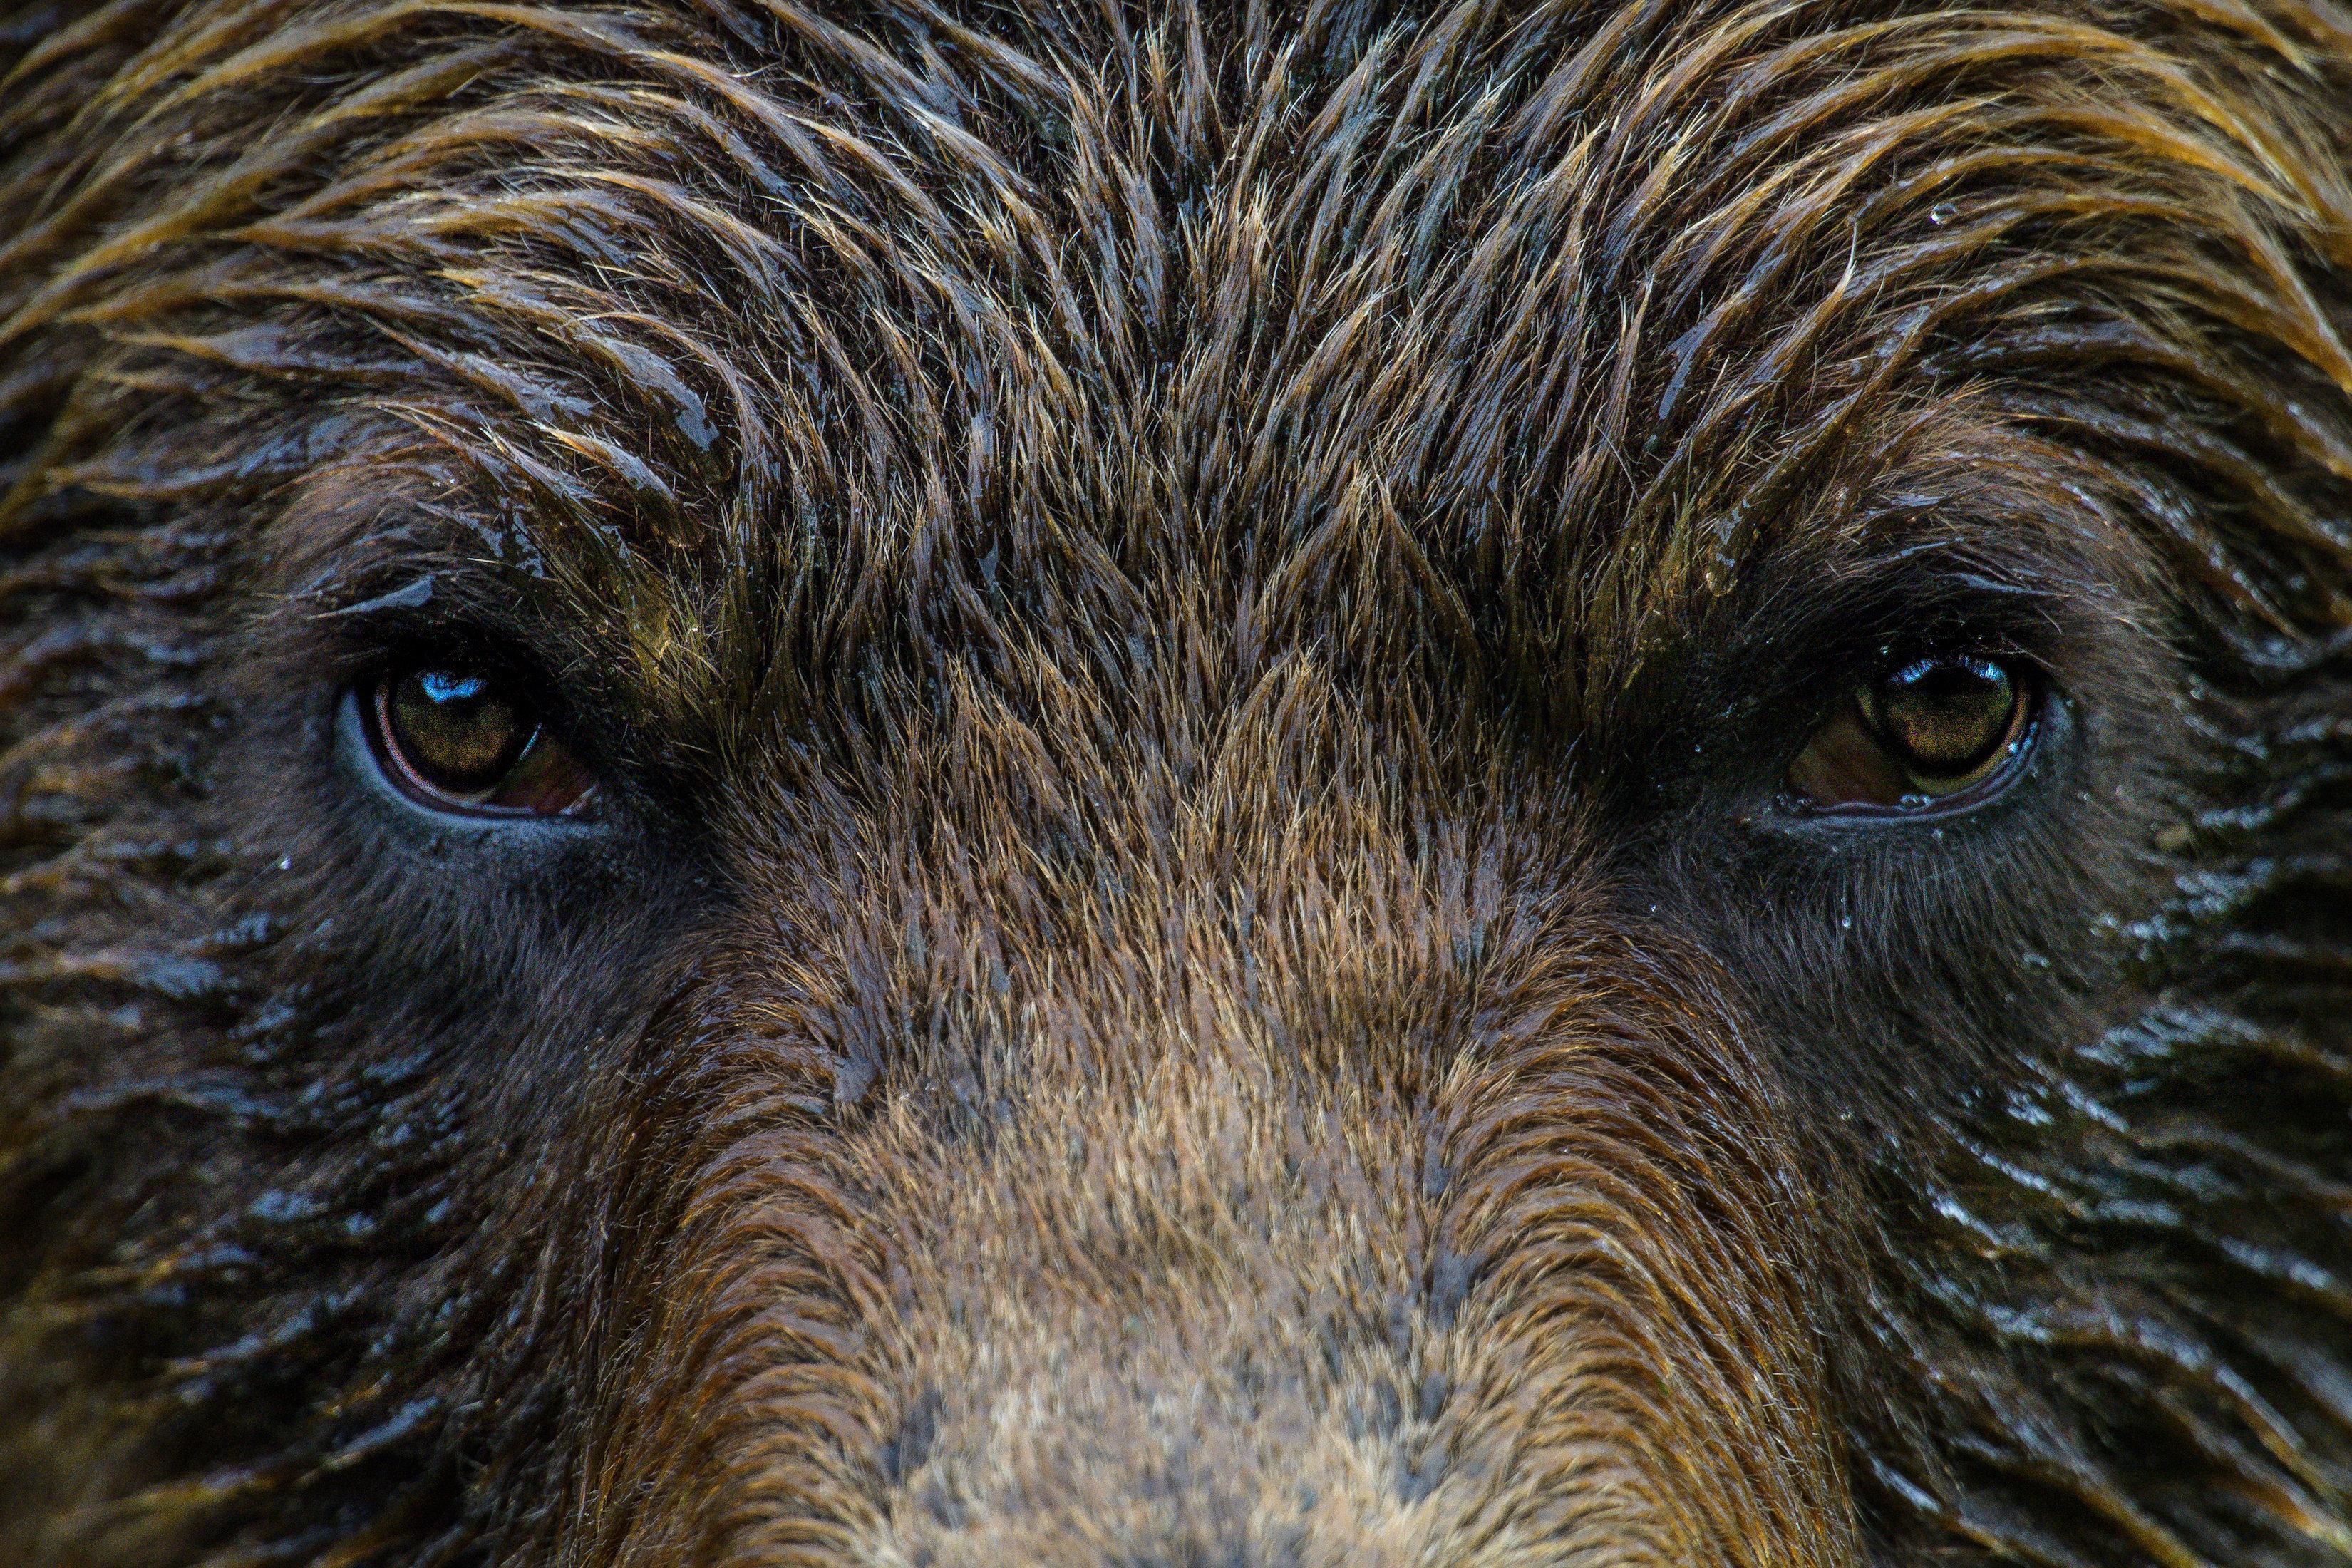 Oso pardo en la única reserva dedicada a estos animales en Canadá, el Parque Provincial